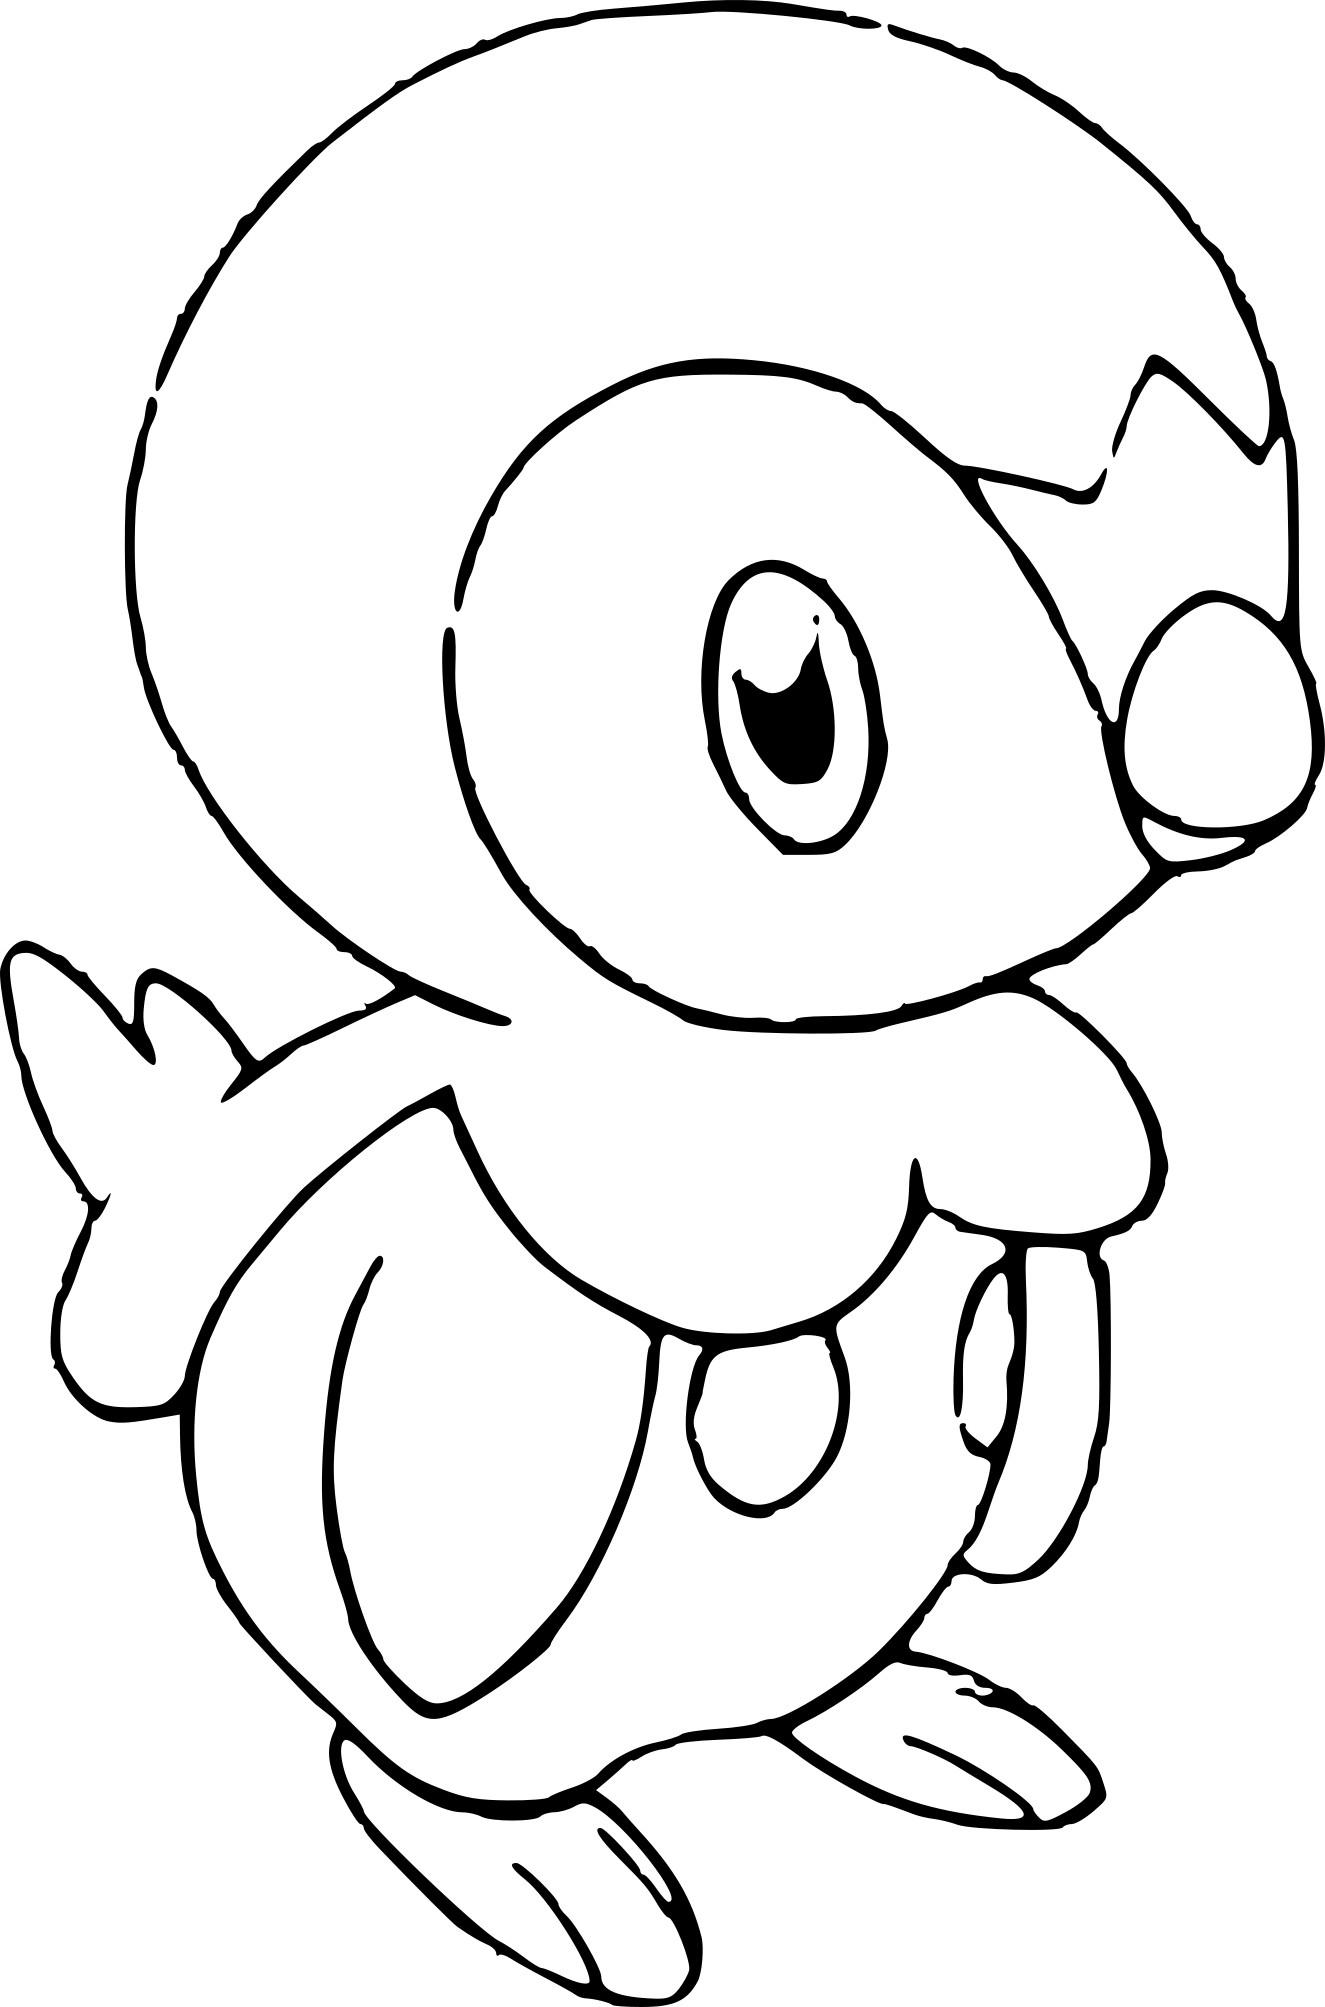 Coloriage Pokemon Tiplouf À Imprimer avec Imprimer Coloriage Pokemon